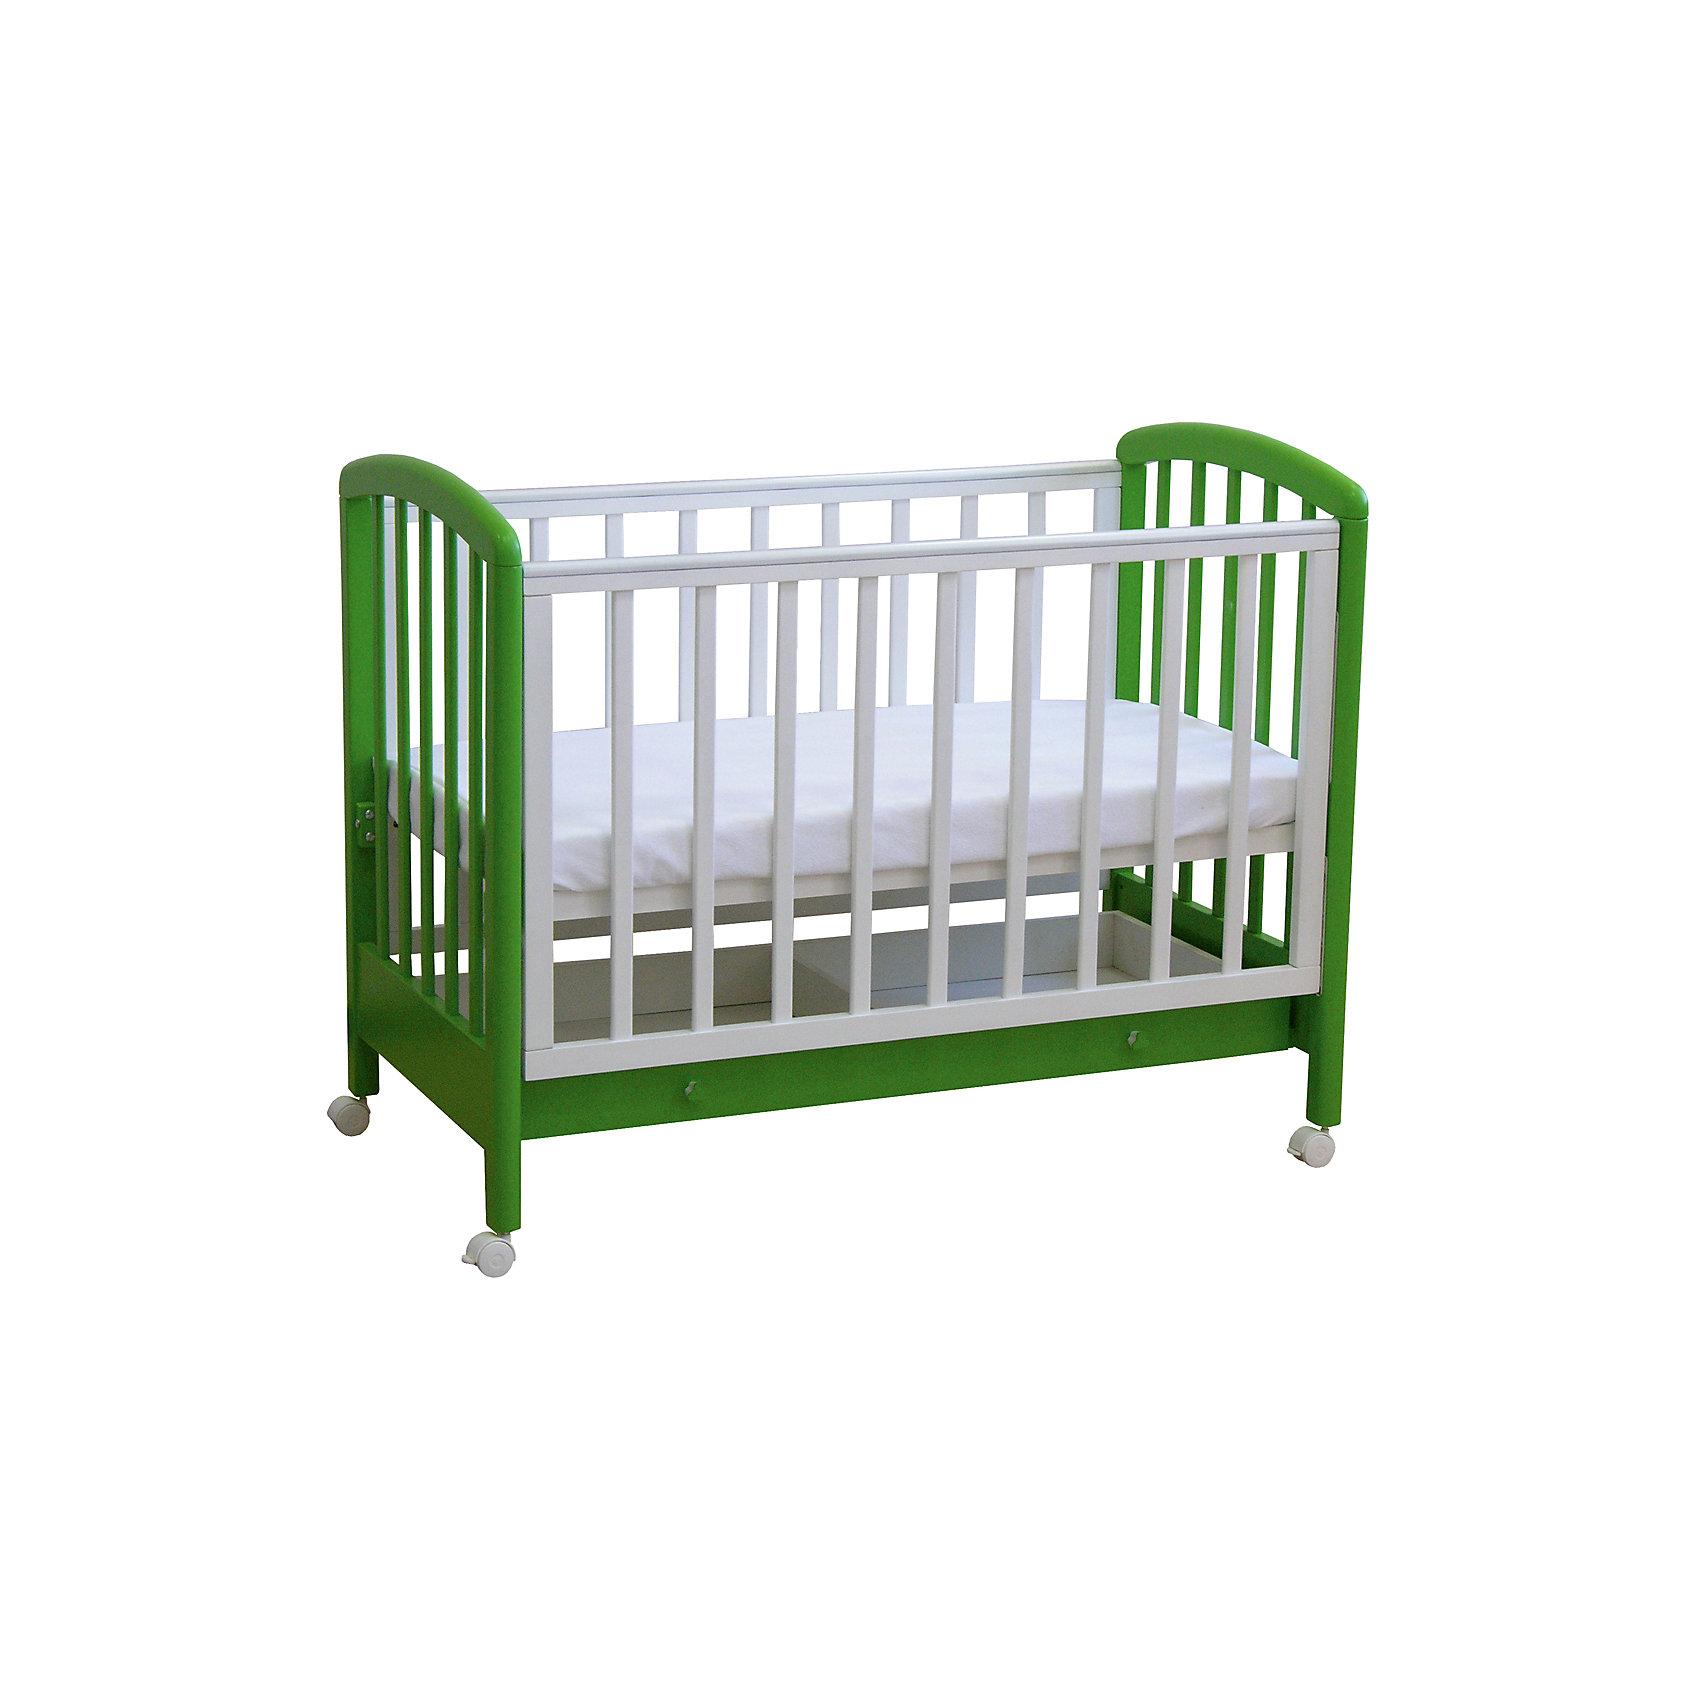 Кроватка 600, выдвижной ящик,Фея, белый-лаймКроватки<br>Качественная детская мебель всегда отличается от взрослой, так как производится с учетом потребностей малышей. Данная кроватка обеспечит удобство и ребенку и маме - она имеет удобный механизм опускания передней планки и колесики, с помощью которых кроватку можно перемещать.<br>В этой модели также есть удобный ящик. Кроватка сделана из качественного дерева, покрытого лаком. Цвет - приятный и оригинальный, подойдет практически для любого интерьера. Все материалы тщательно подобраны специалистами и безопасны для детей.<br><br>Дополнительная информация:<br><br>цвет: белый-лайм;<br>материал: береза, лак;<br>передняя планка удобно опускается;<br>выдвижной ящик;<br>ложе имеет 2 положения;<br>колёсики;<br>накладки ПВХ;<br>ортопедической основание;<br>размер:  128 х 70 х 103 см ;<br>ложе: 60 на 120 см;<br>вес: 28 кг.<br><br>Кроватку 600 торговой марки Фея можно купить в нашем магазине.<br><br>Ширина мм: 1280<br>Глубина мм: 696<br>Высота мм: 1030<br>Вес г: 28150<br>Возраст от месяцев: 0<br>Возраст до месяцев: 36<br>Пол: Унисекс<br>Возраст: Детский<br>SKU: 4873618